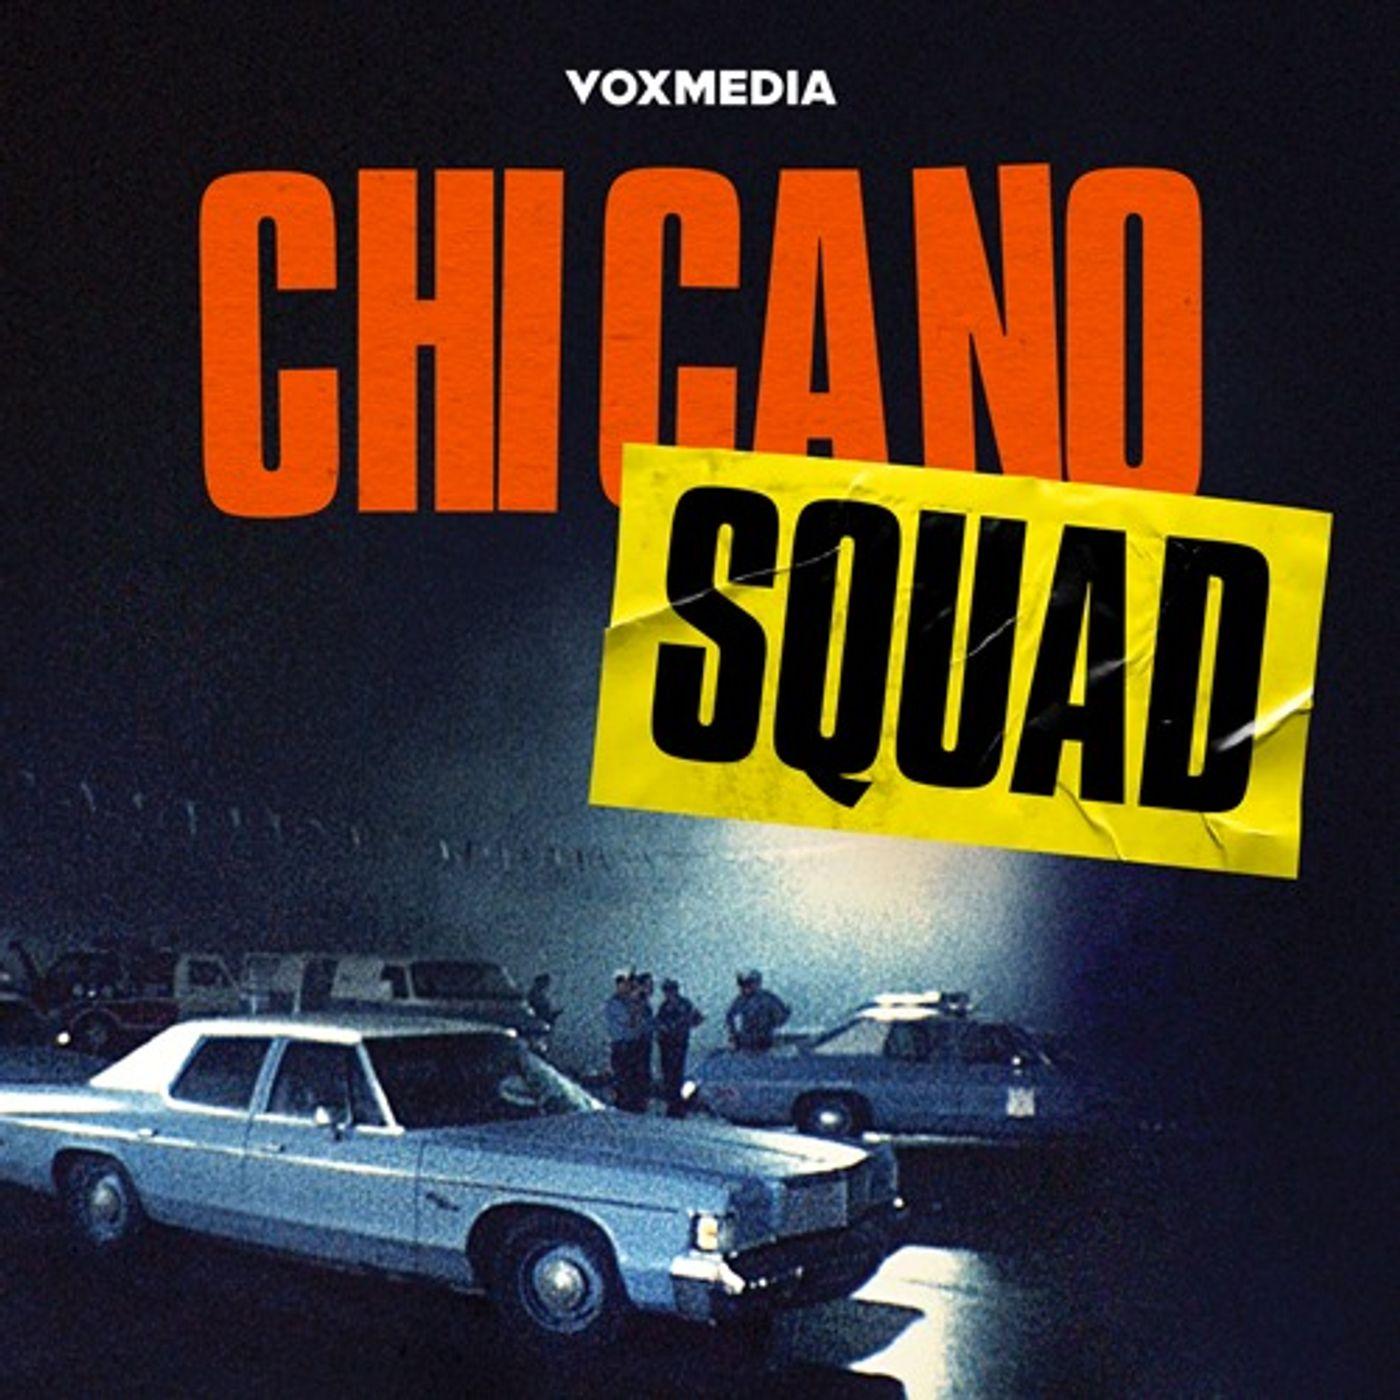 AD: CHICANO SQUAD TRAILER